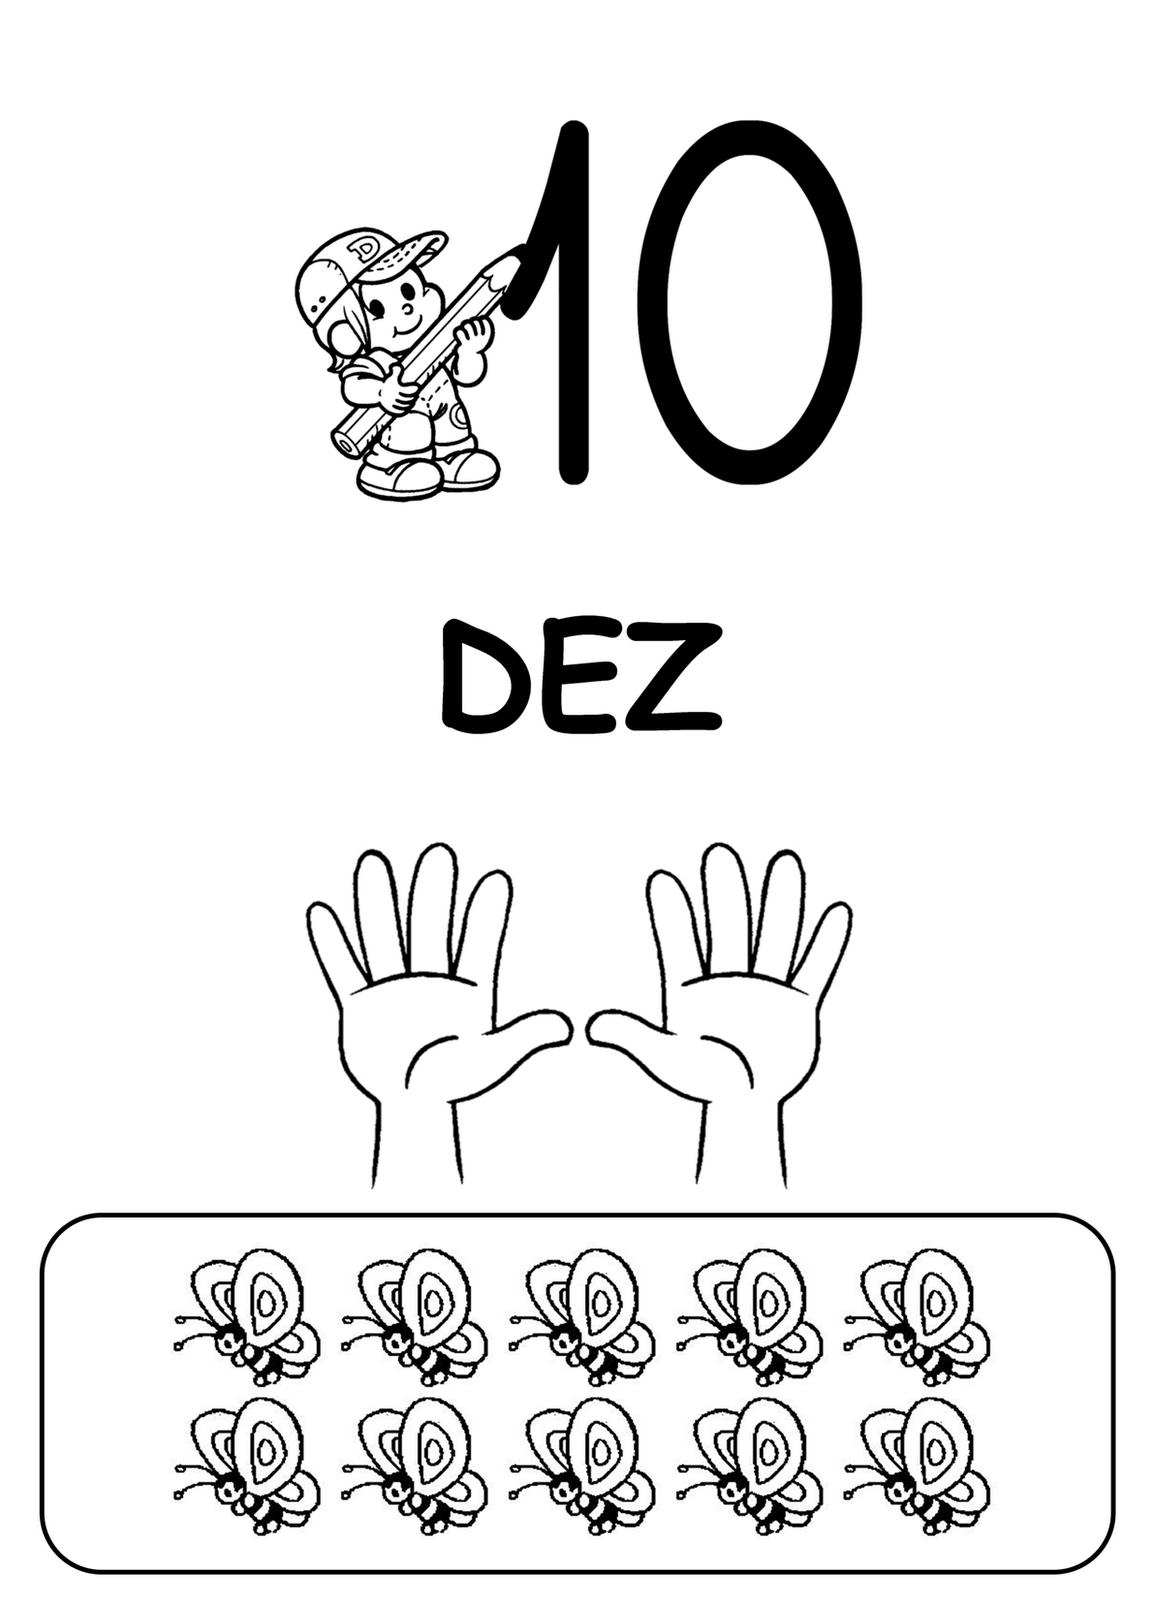 0 a 10 wiring diagram for ceiling light and switch educar x imagens de numero ao para colorir turma da